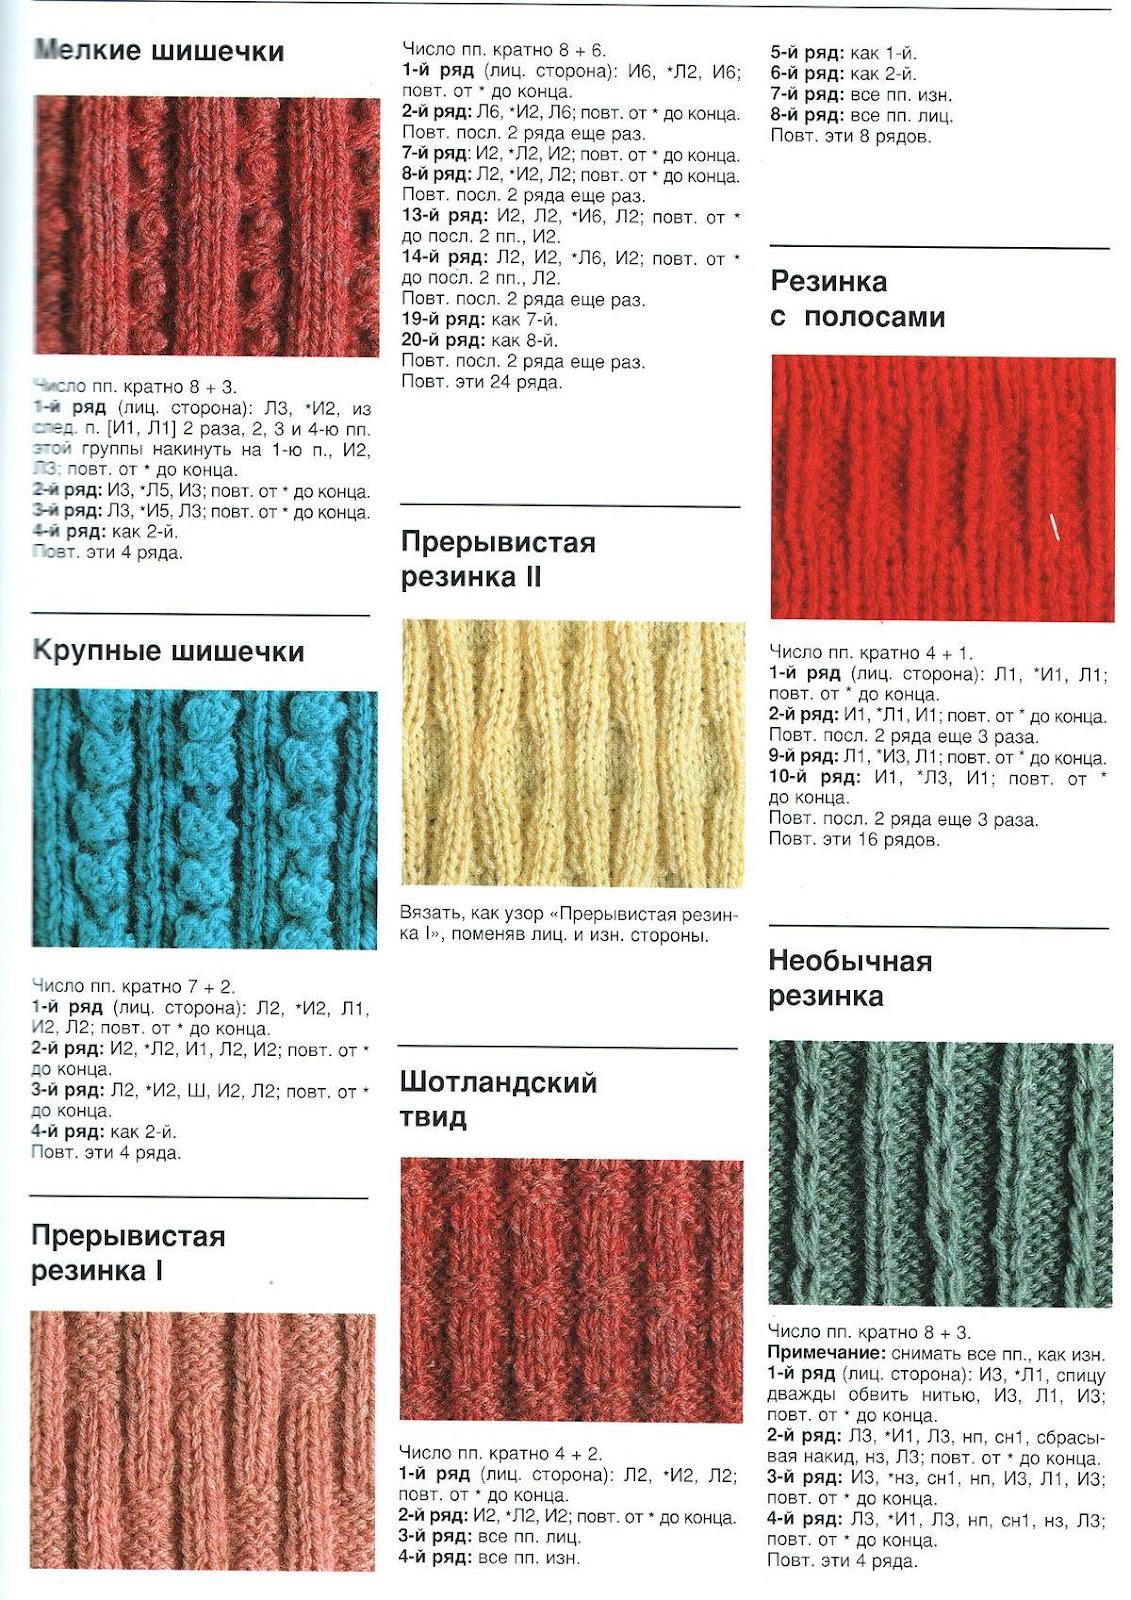 Вязание виды резинок описание